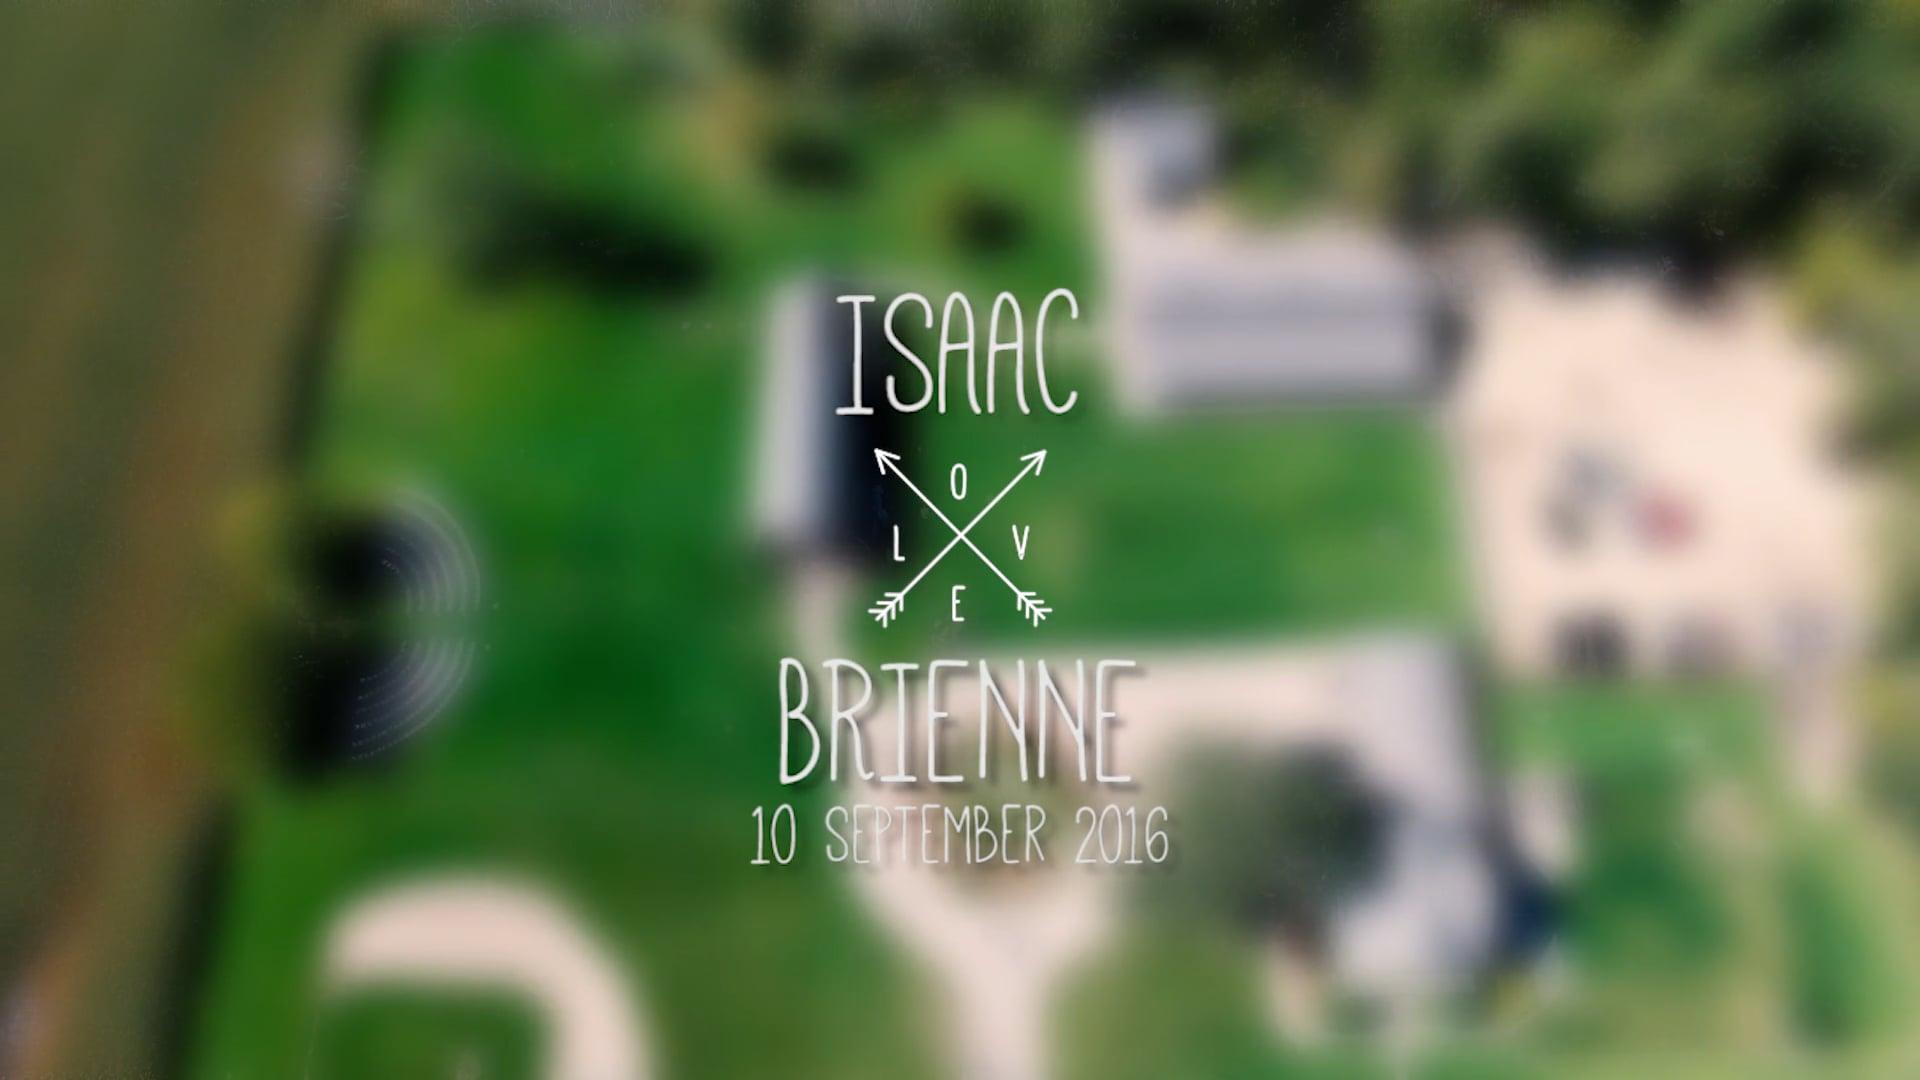 Brienne + Isaac